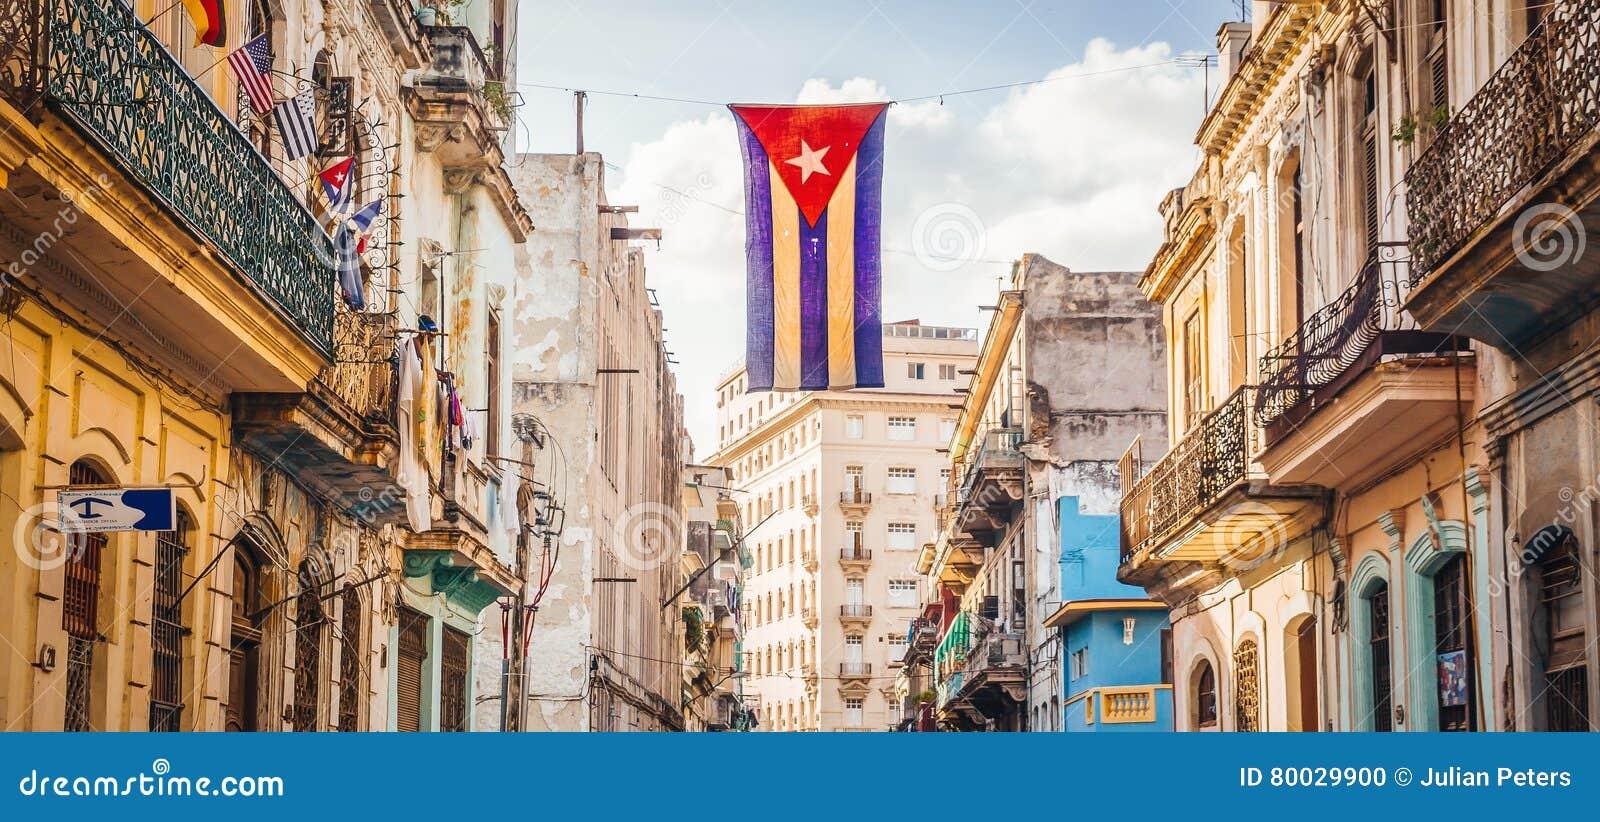 Straße in Havana mit kubanischer Flagge